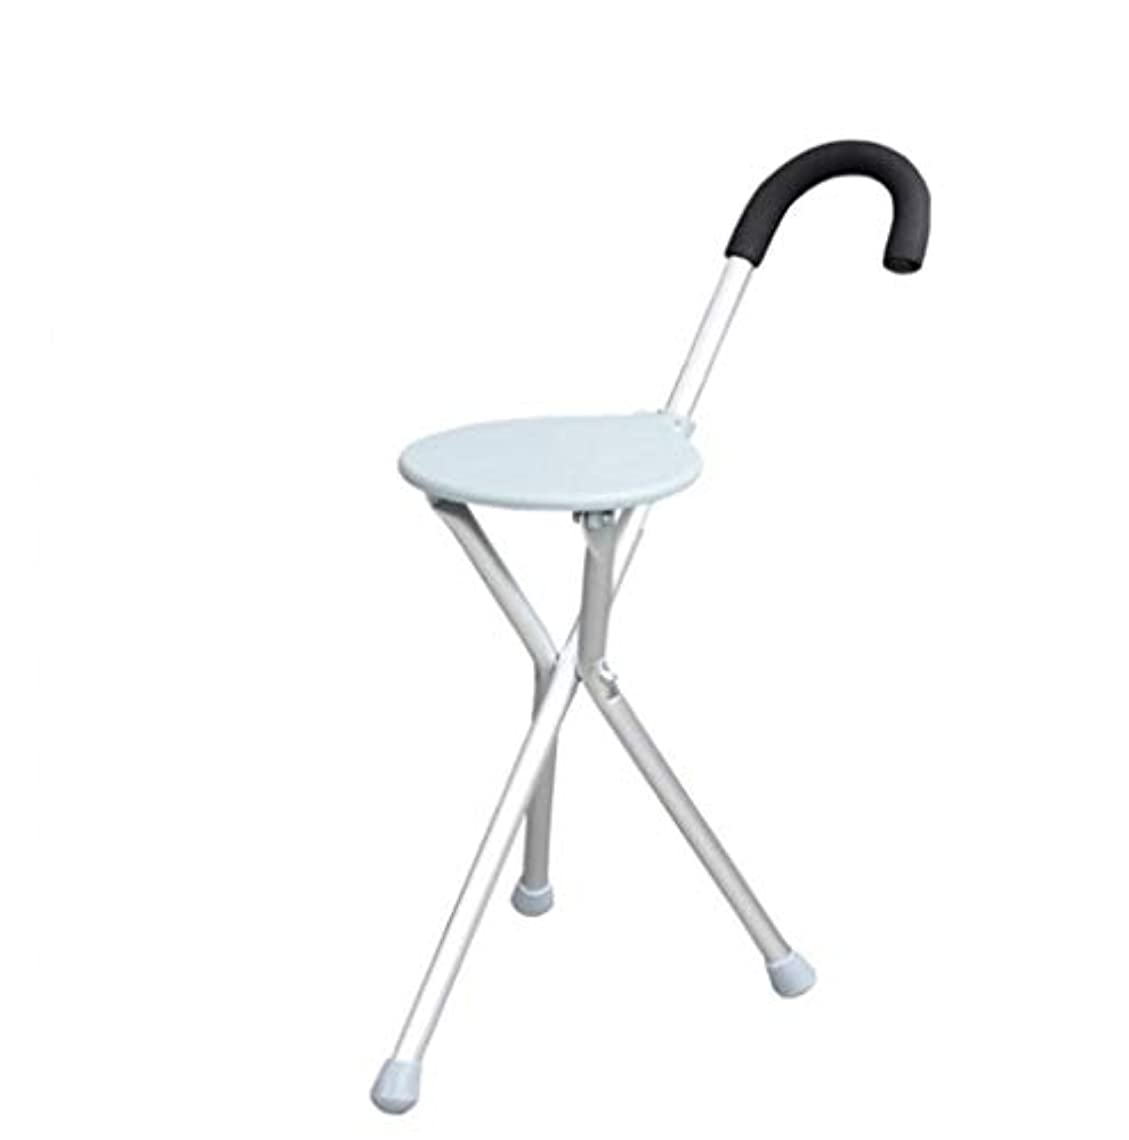 和解するジャズ現像老人のスティックスツール高齢者三脚杖椅子杖スツール折りたたみ杖ウォーカー付きシート屋外ステッキ